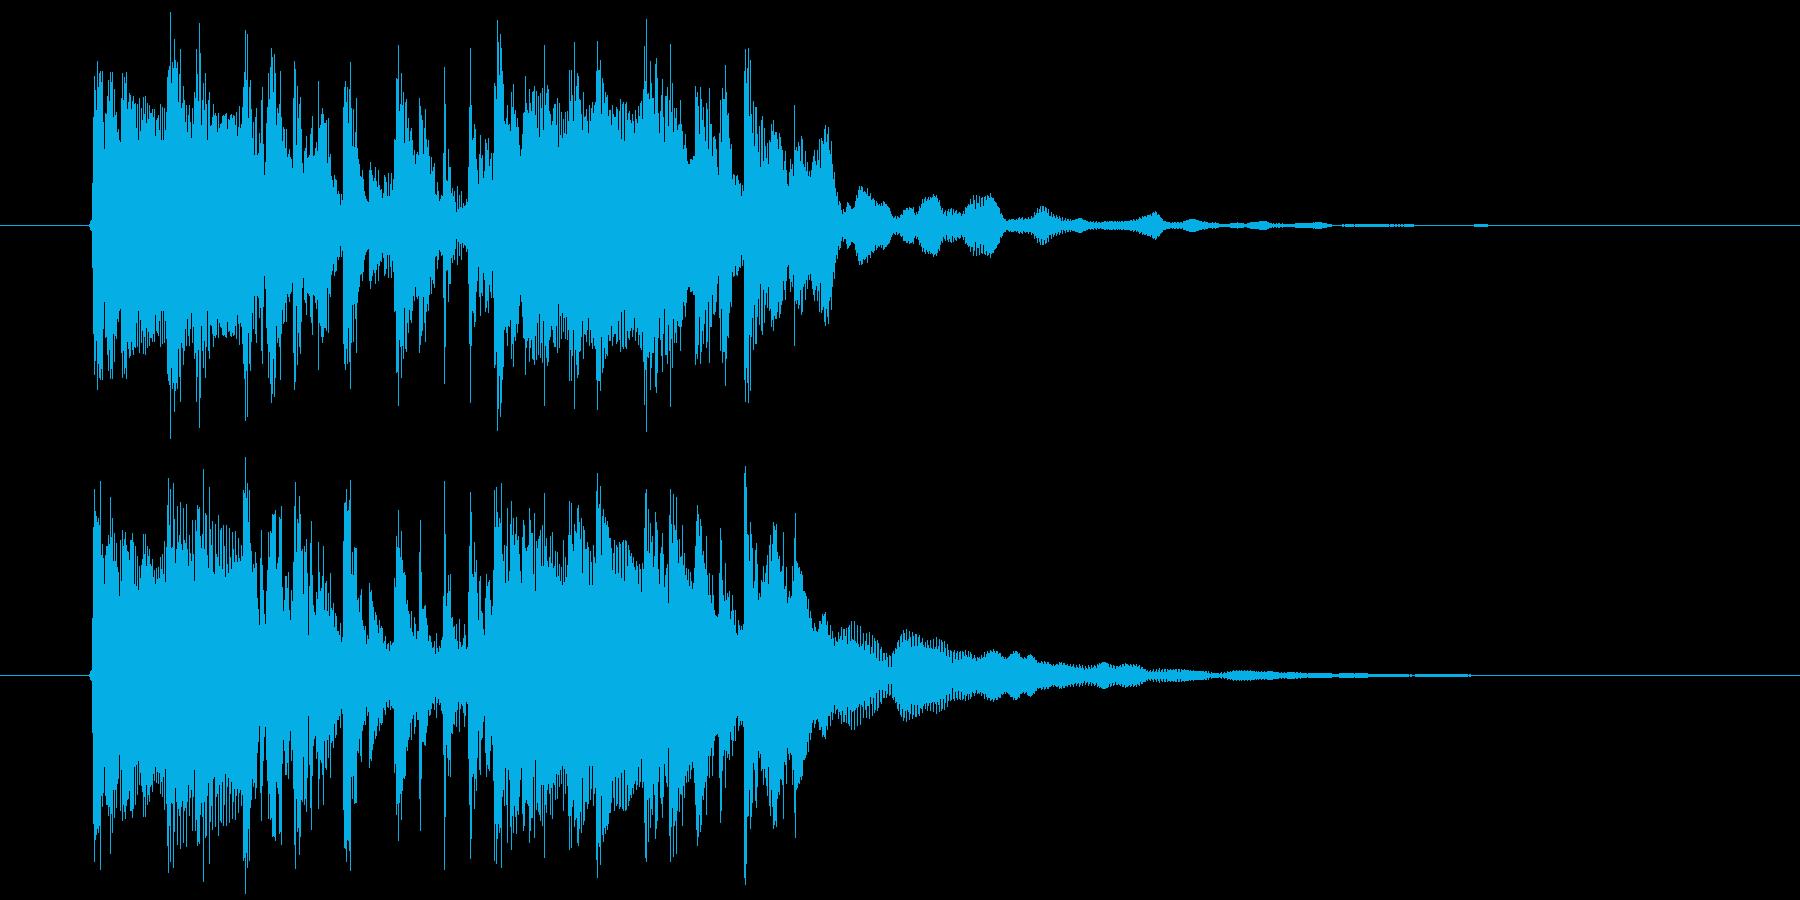 近未来的なテクノミュージックの再生済みの波形